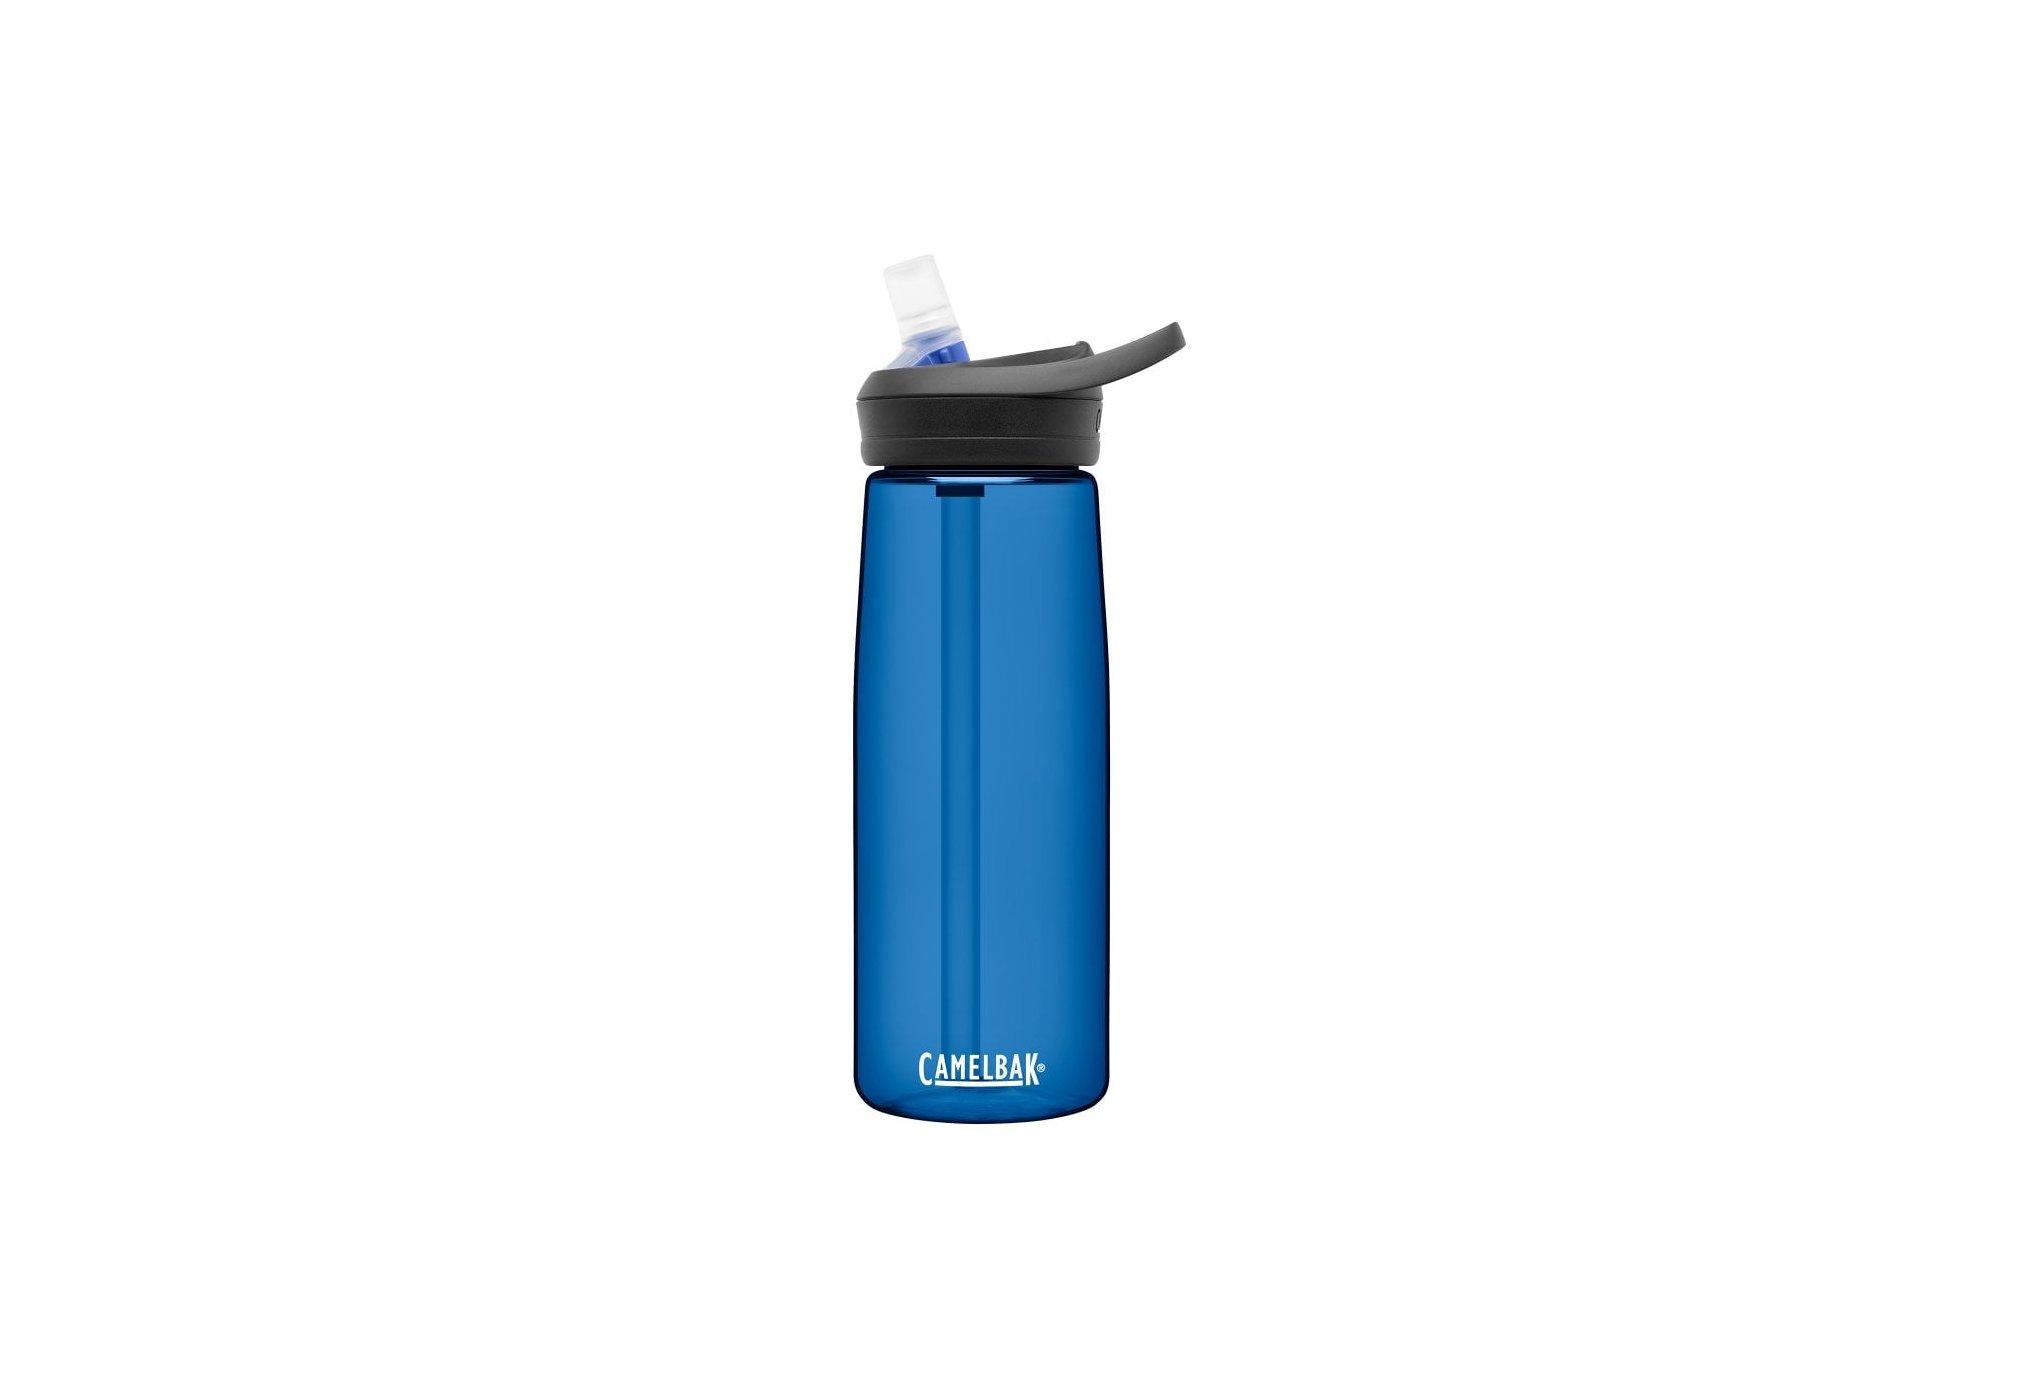 Camelbak Eddy+ 740ml Sac hydratation / Gourde